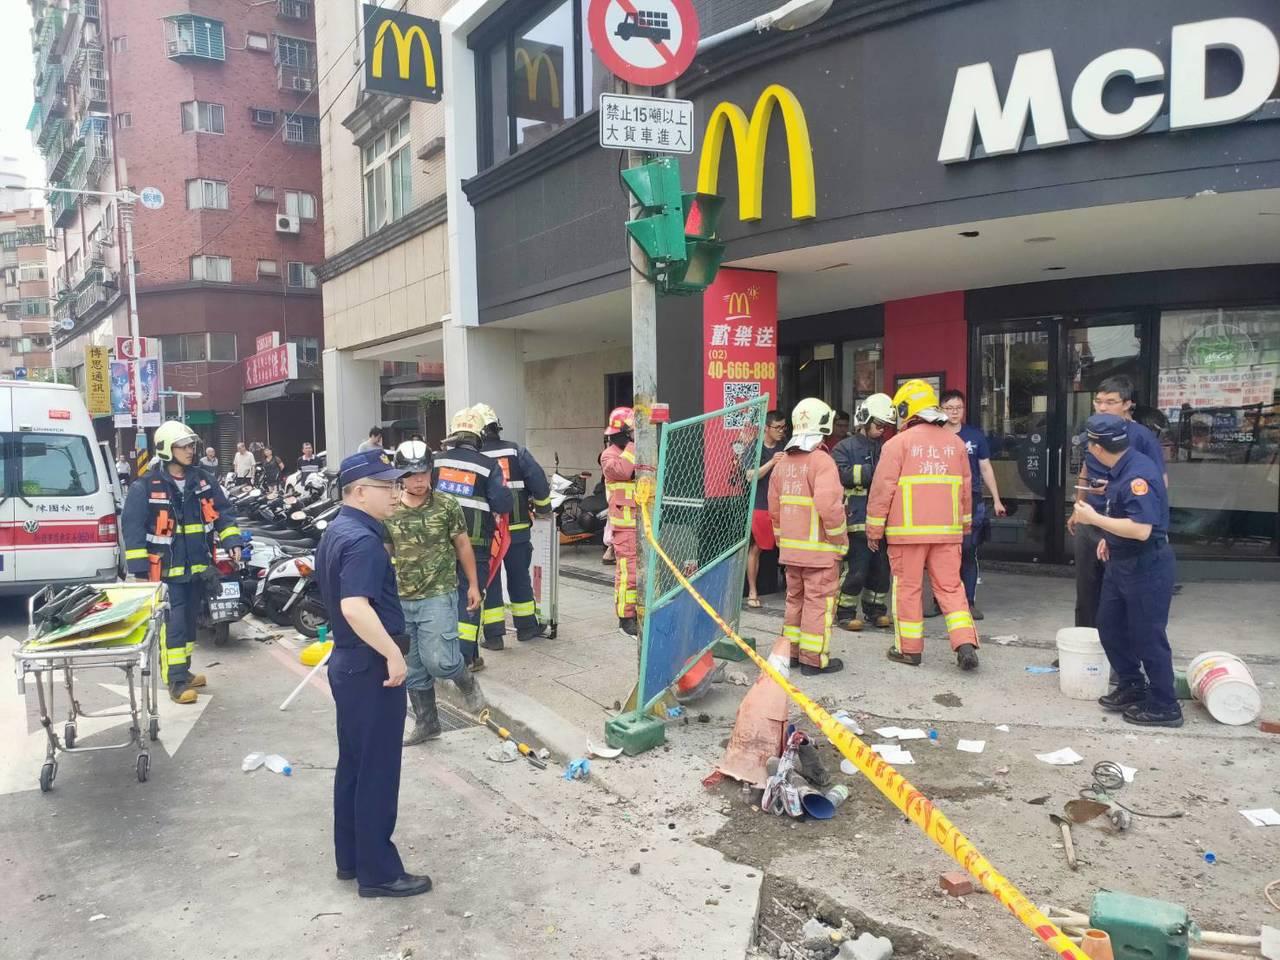 新北市板橋區板城路與溪城路麥當勞速食店前發生氣爆意外,造成3名工人受傷送醫,巨大...